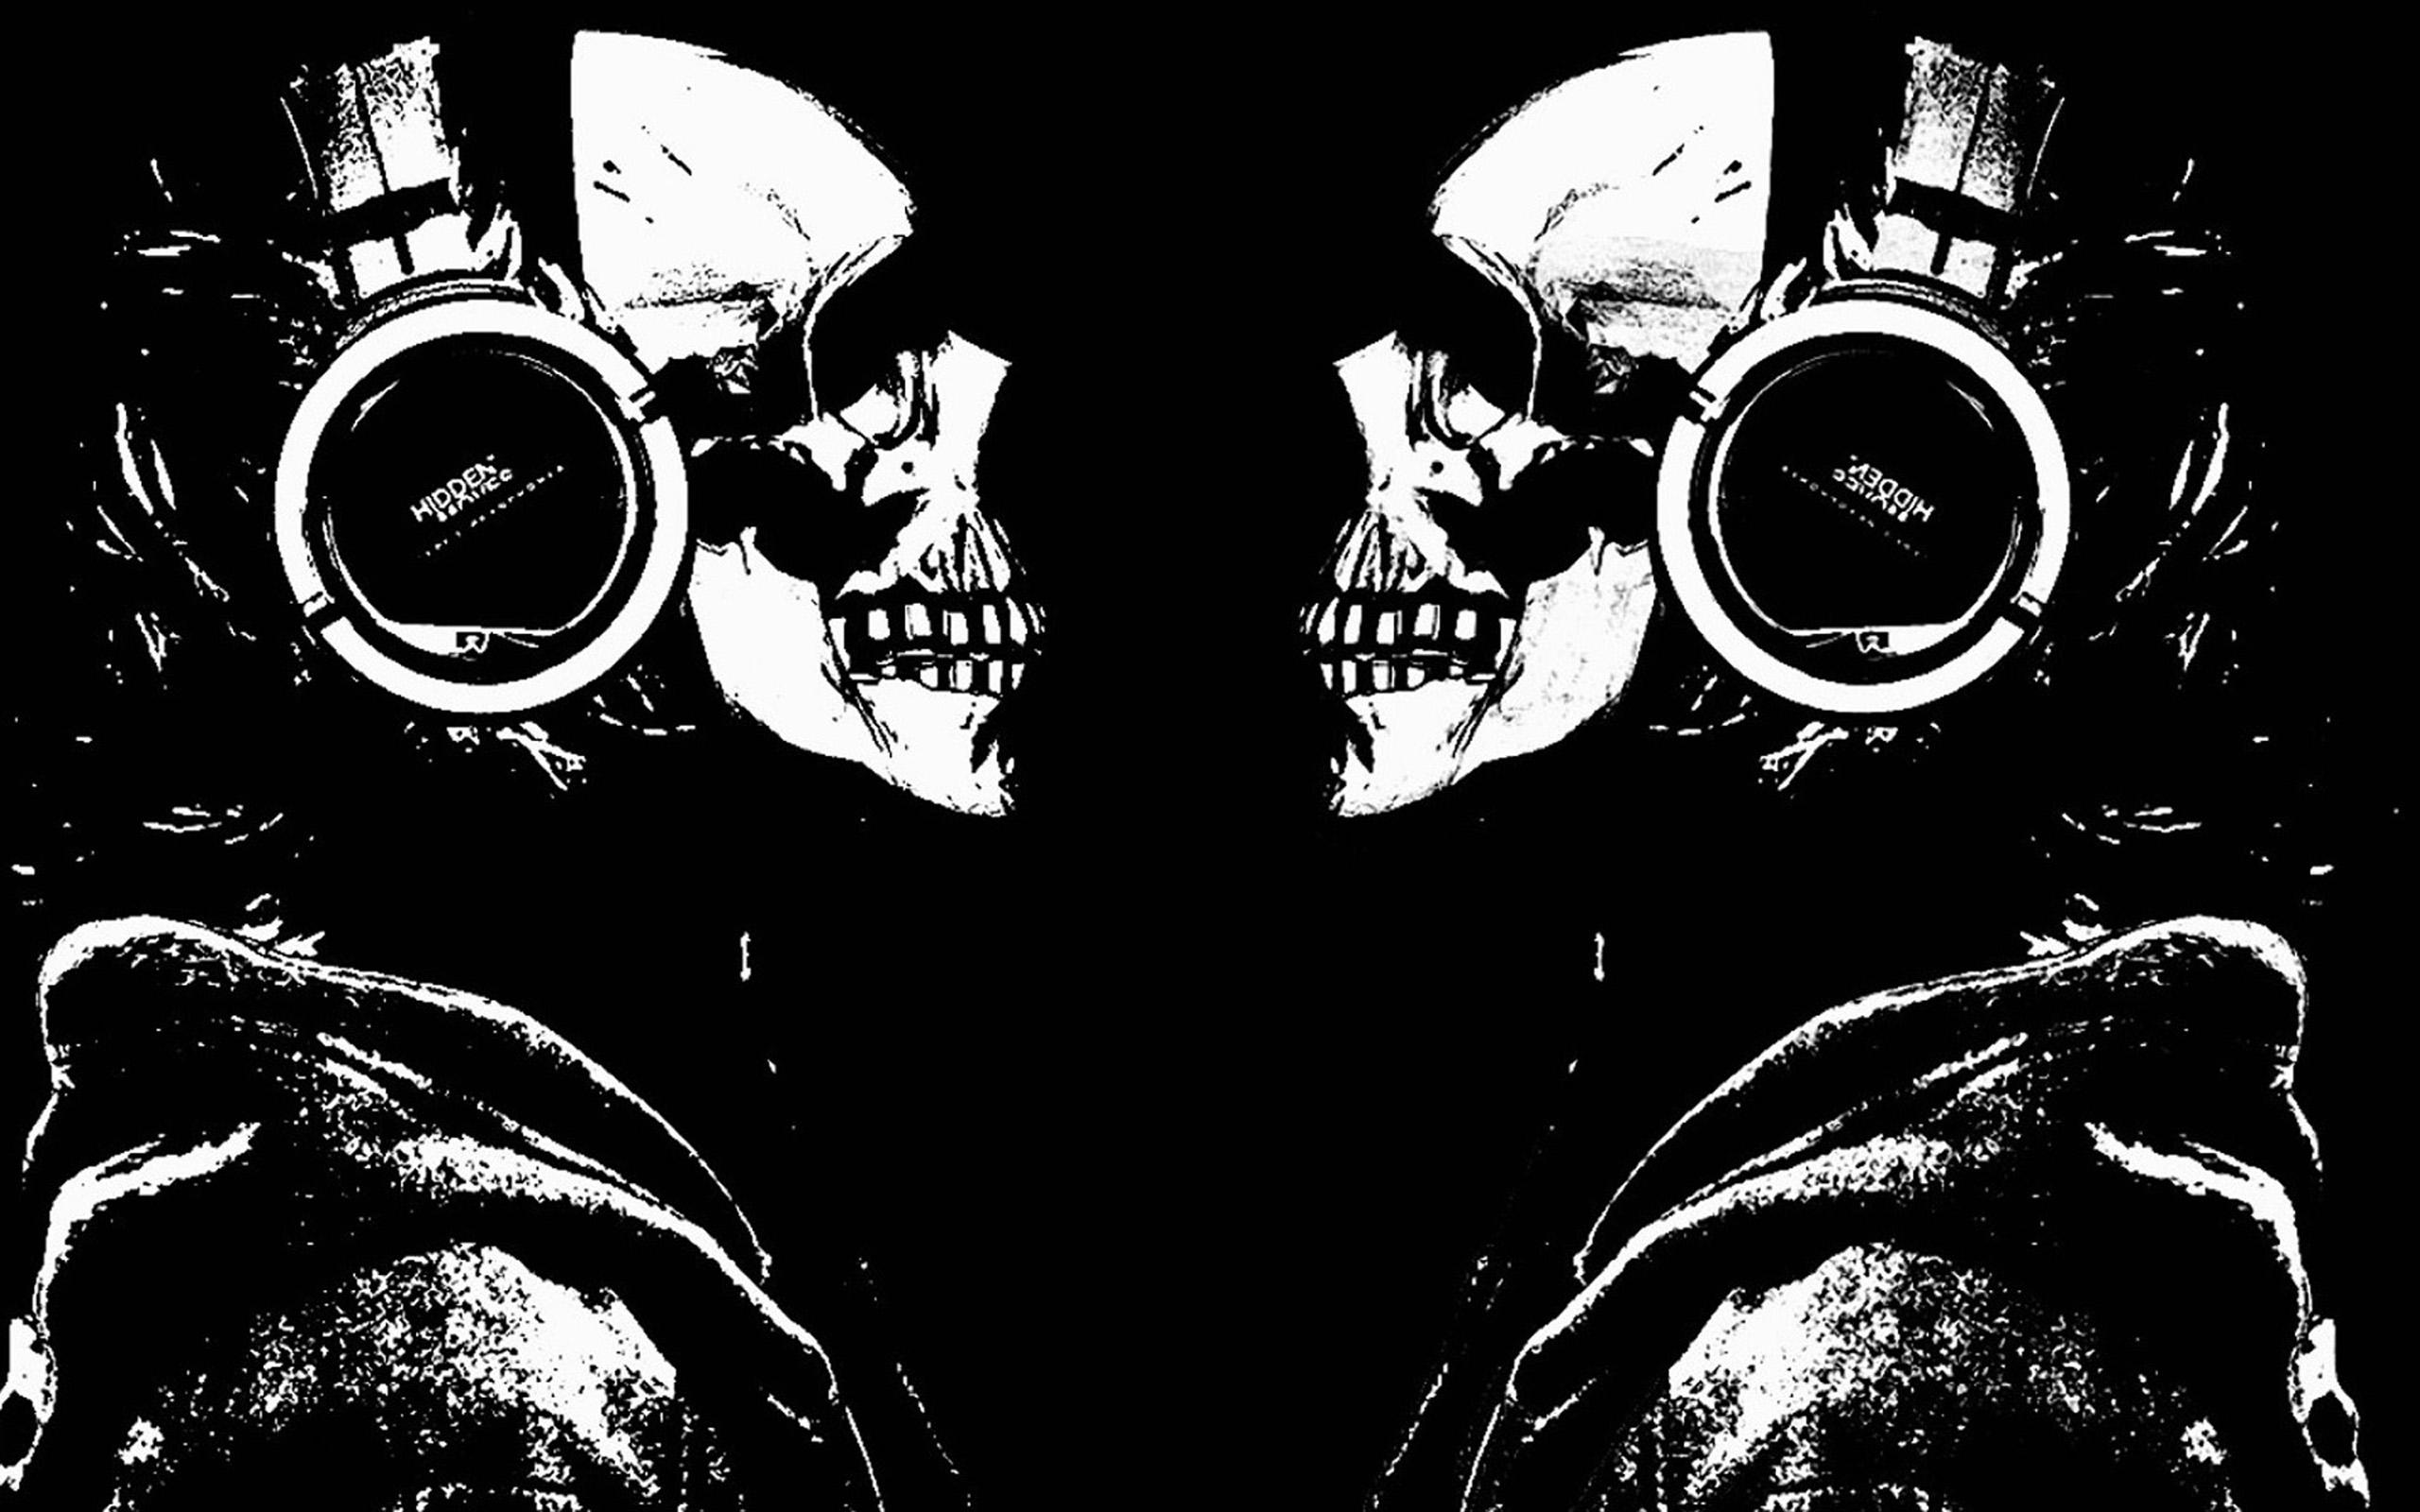 デスクトップ壁紙 スカルフェイス 頭蓋骨 スケルトン ジョーズ